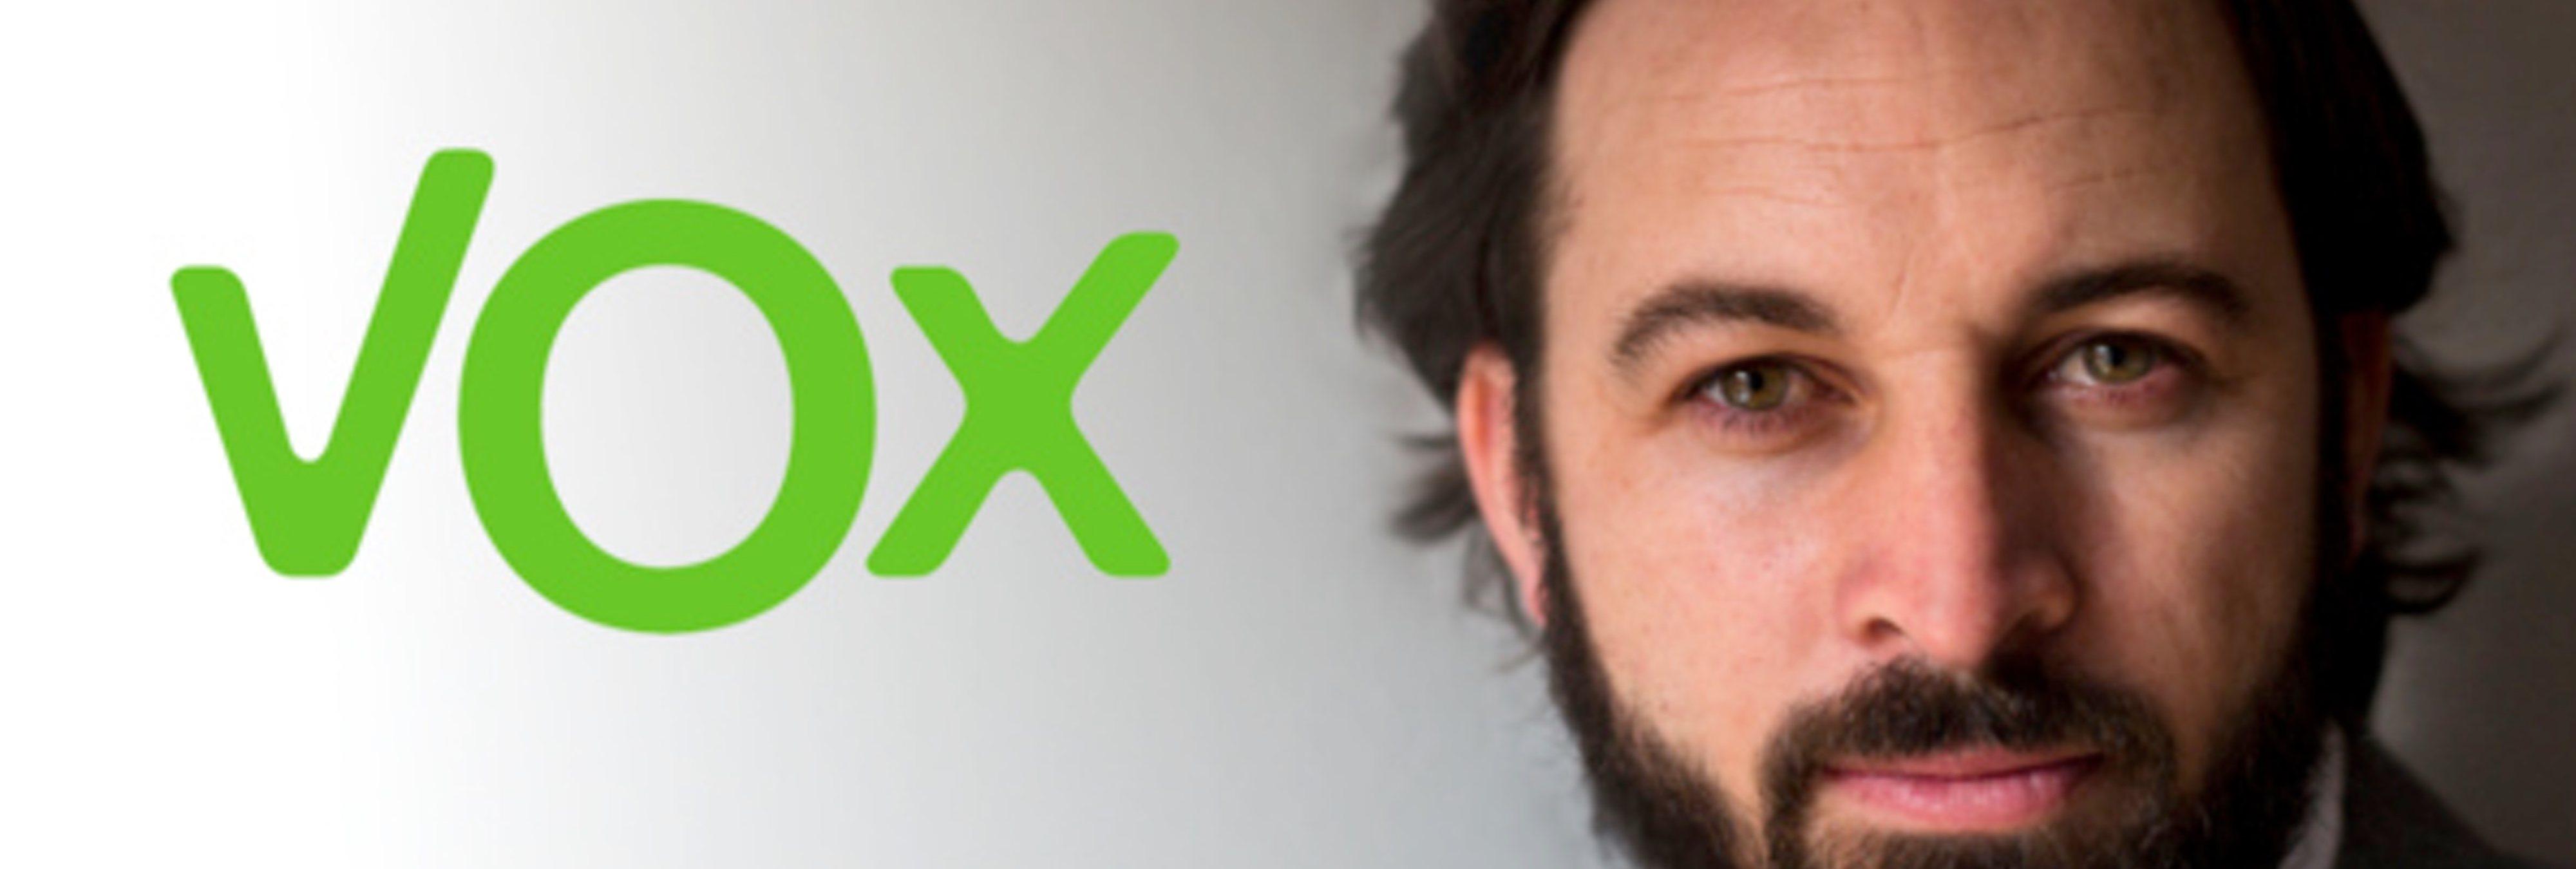 La ultraderecha de VOX lograría su primer escaño a cuenta de la crisis catalana